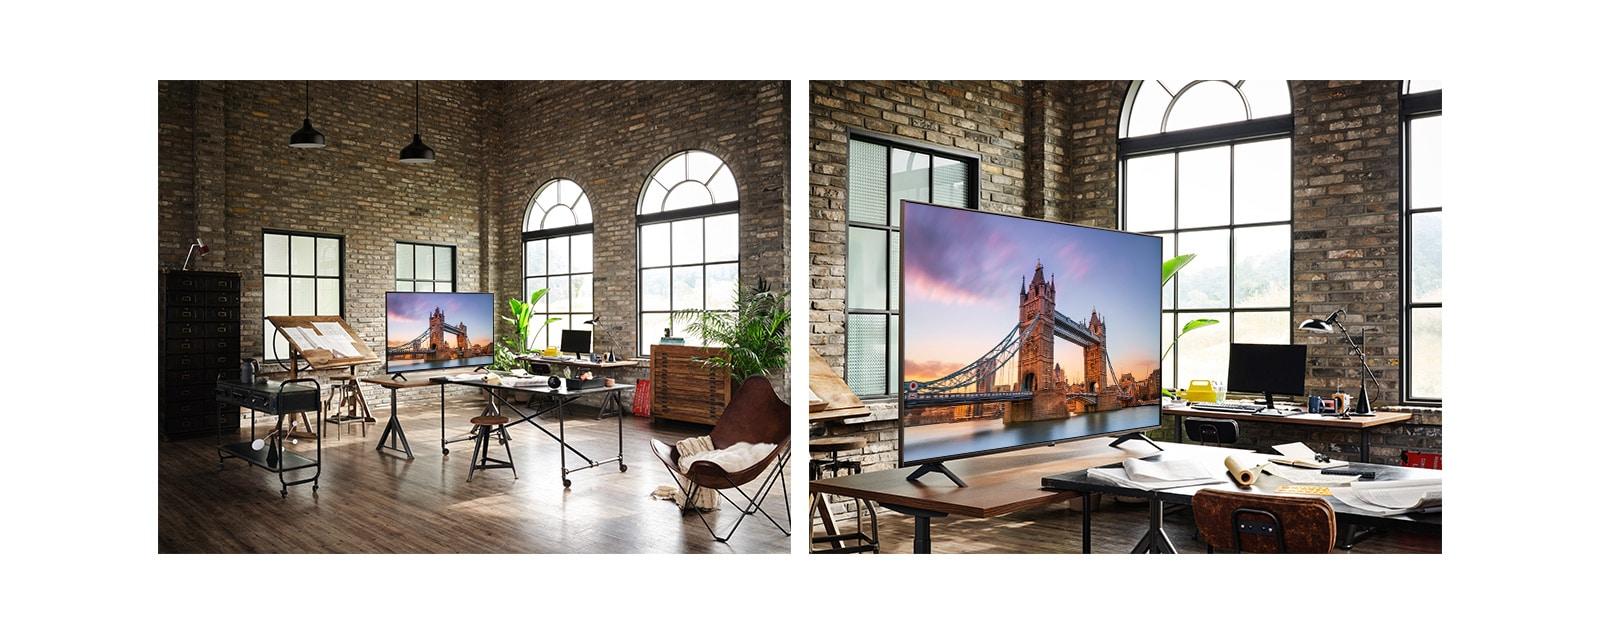 Телевизор с изображением Лондонского моста в комнате с античным интерьером. Крупный план телевизора с изображением Лондонского моста на столе в комнате с античным интерьером.